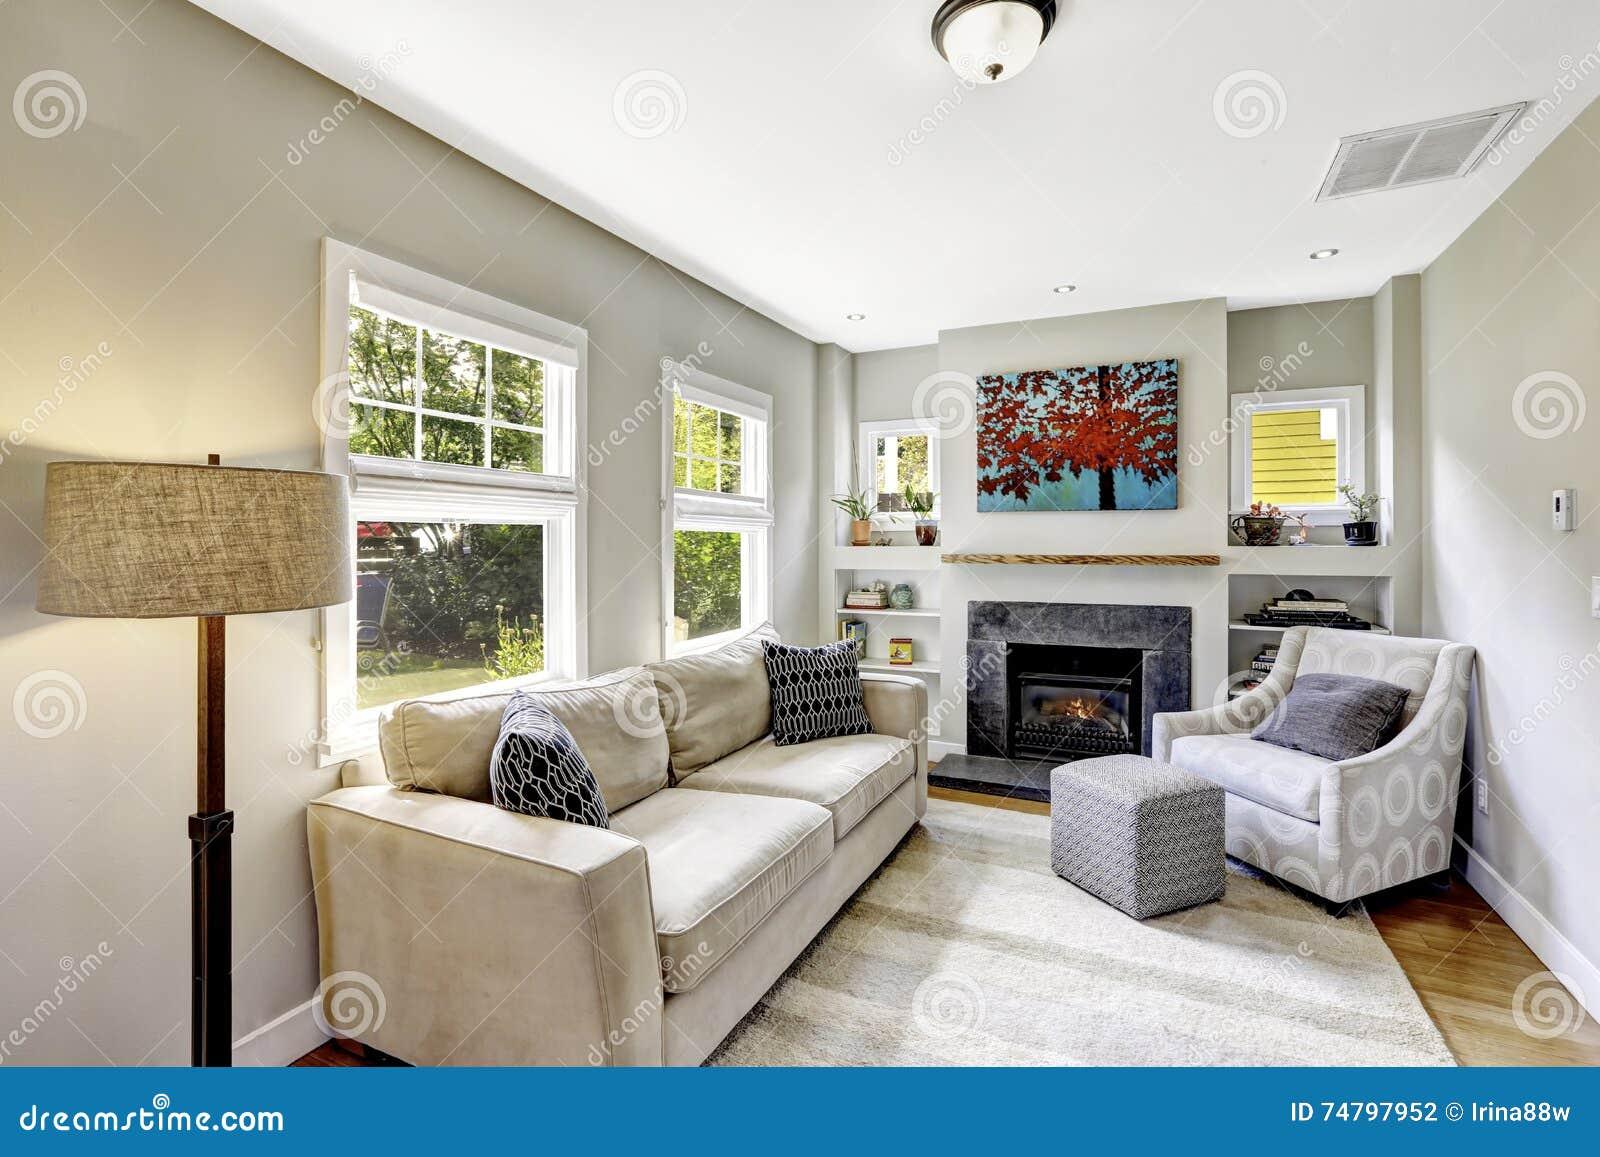 Gemütliches Sofa Wohnzimmer | Kleines Dennoch Nettes Und Gemutliches Wohnzimmer Mit Kamin Und Sofa